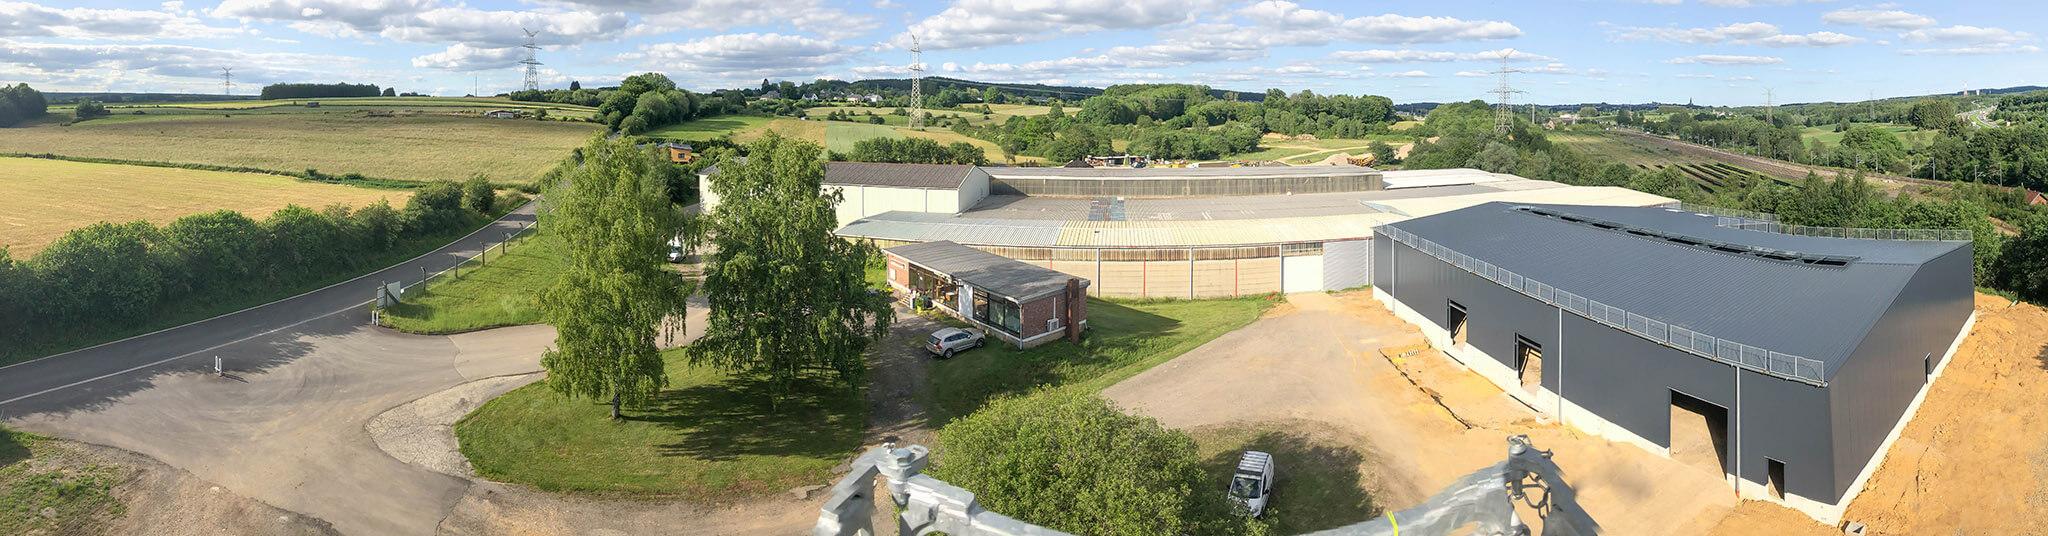 vue panoramique site Zucarlux Arlon services entreposage, manutention, recyclage